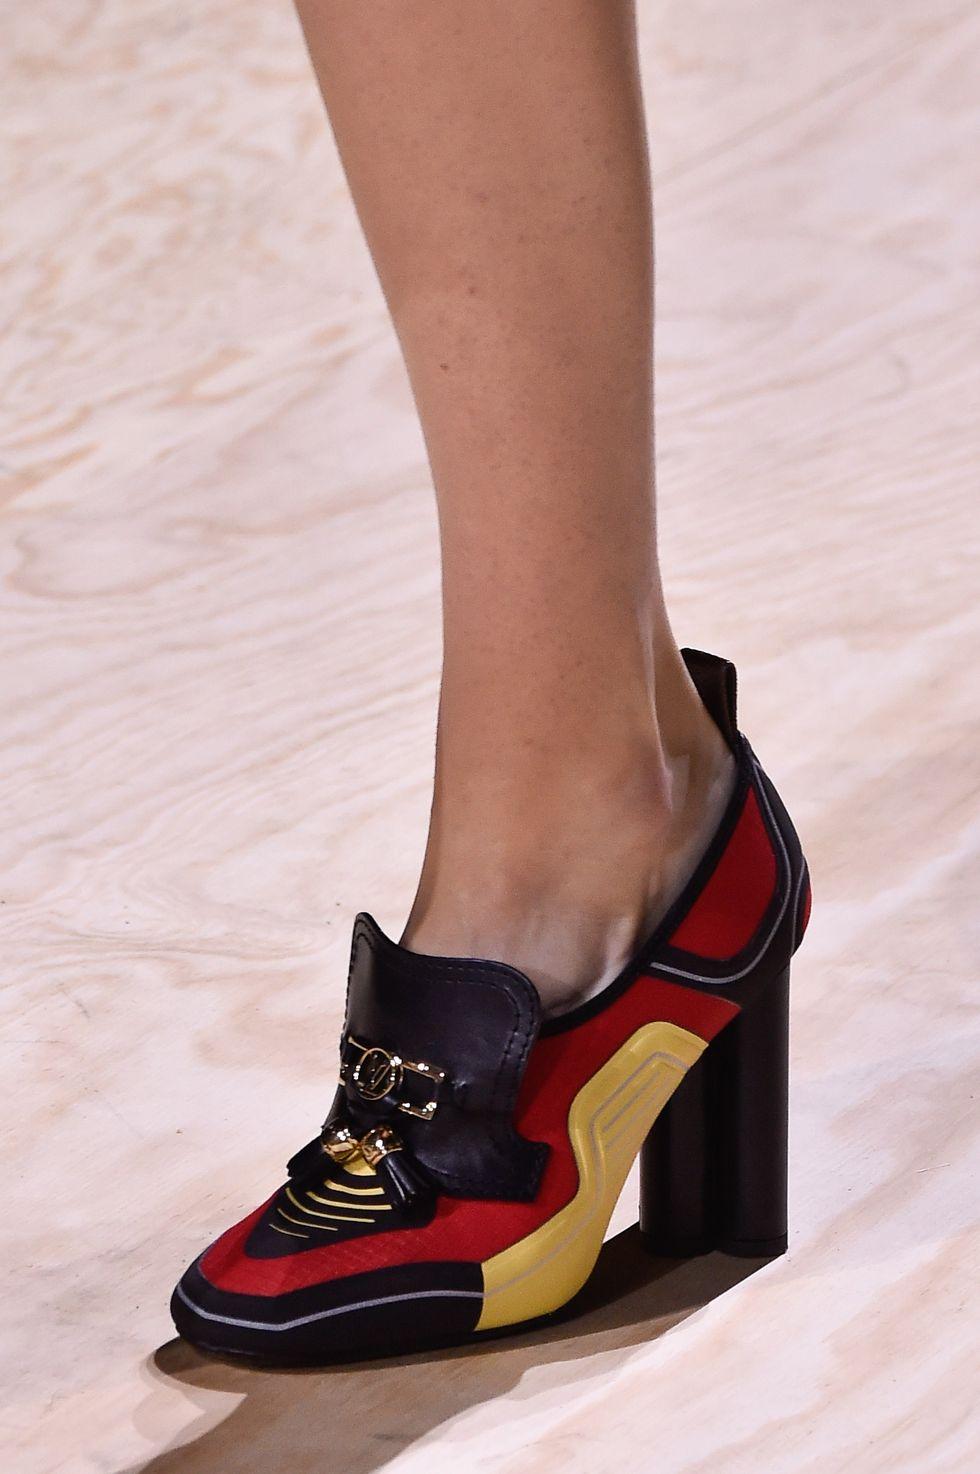 giày loafer cao gót louis vuitton - xu hướng thời trang xuân hè 2020